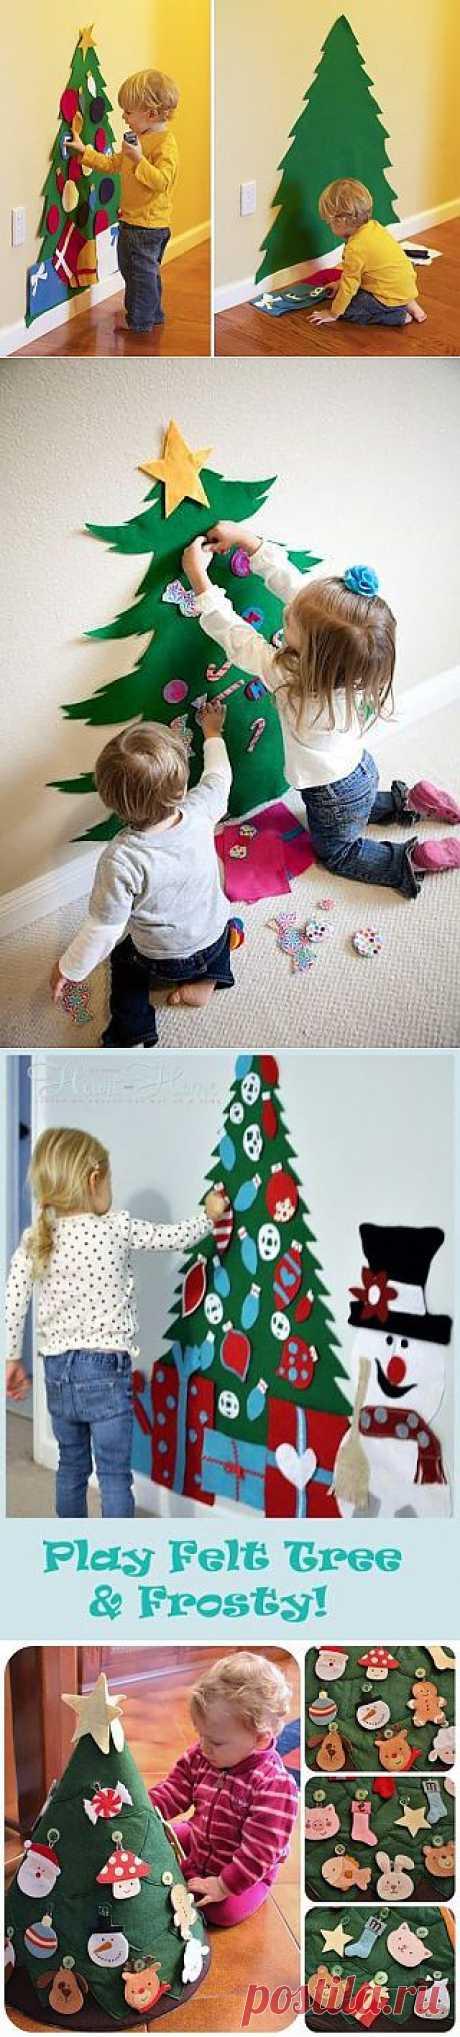 Ёлочки для малышей из фетра/флиса